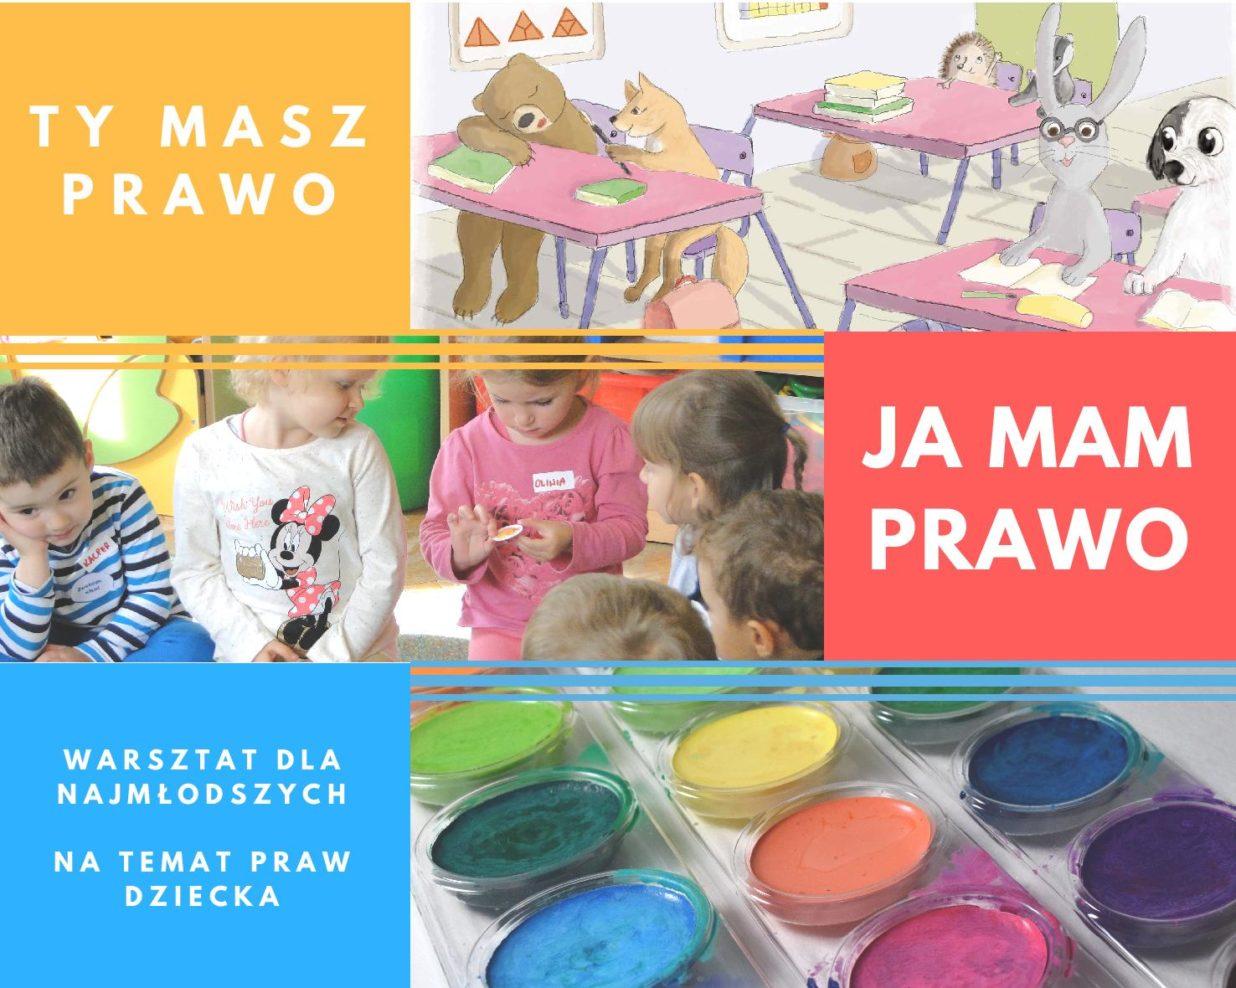 b0725eecf9ed15 28.10 w Warszawie Warsztat -Ty masz prawo, ja mam prawo - Bajki Gry ...